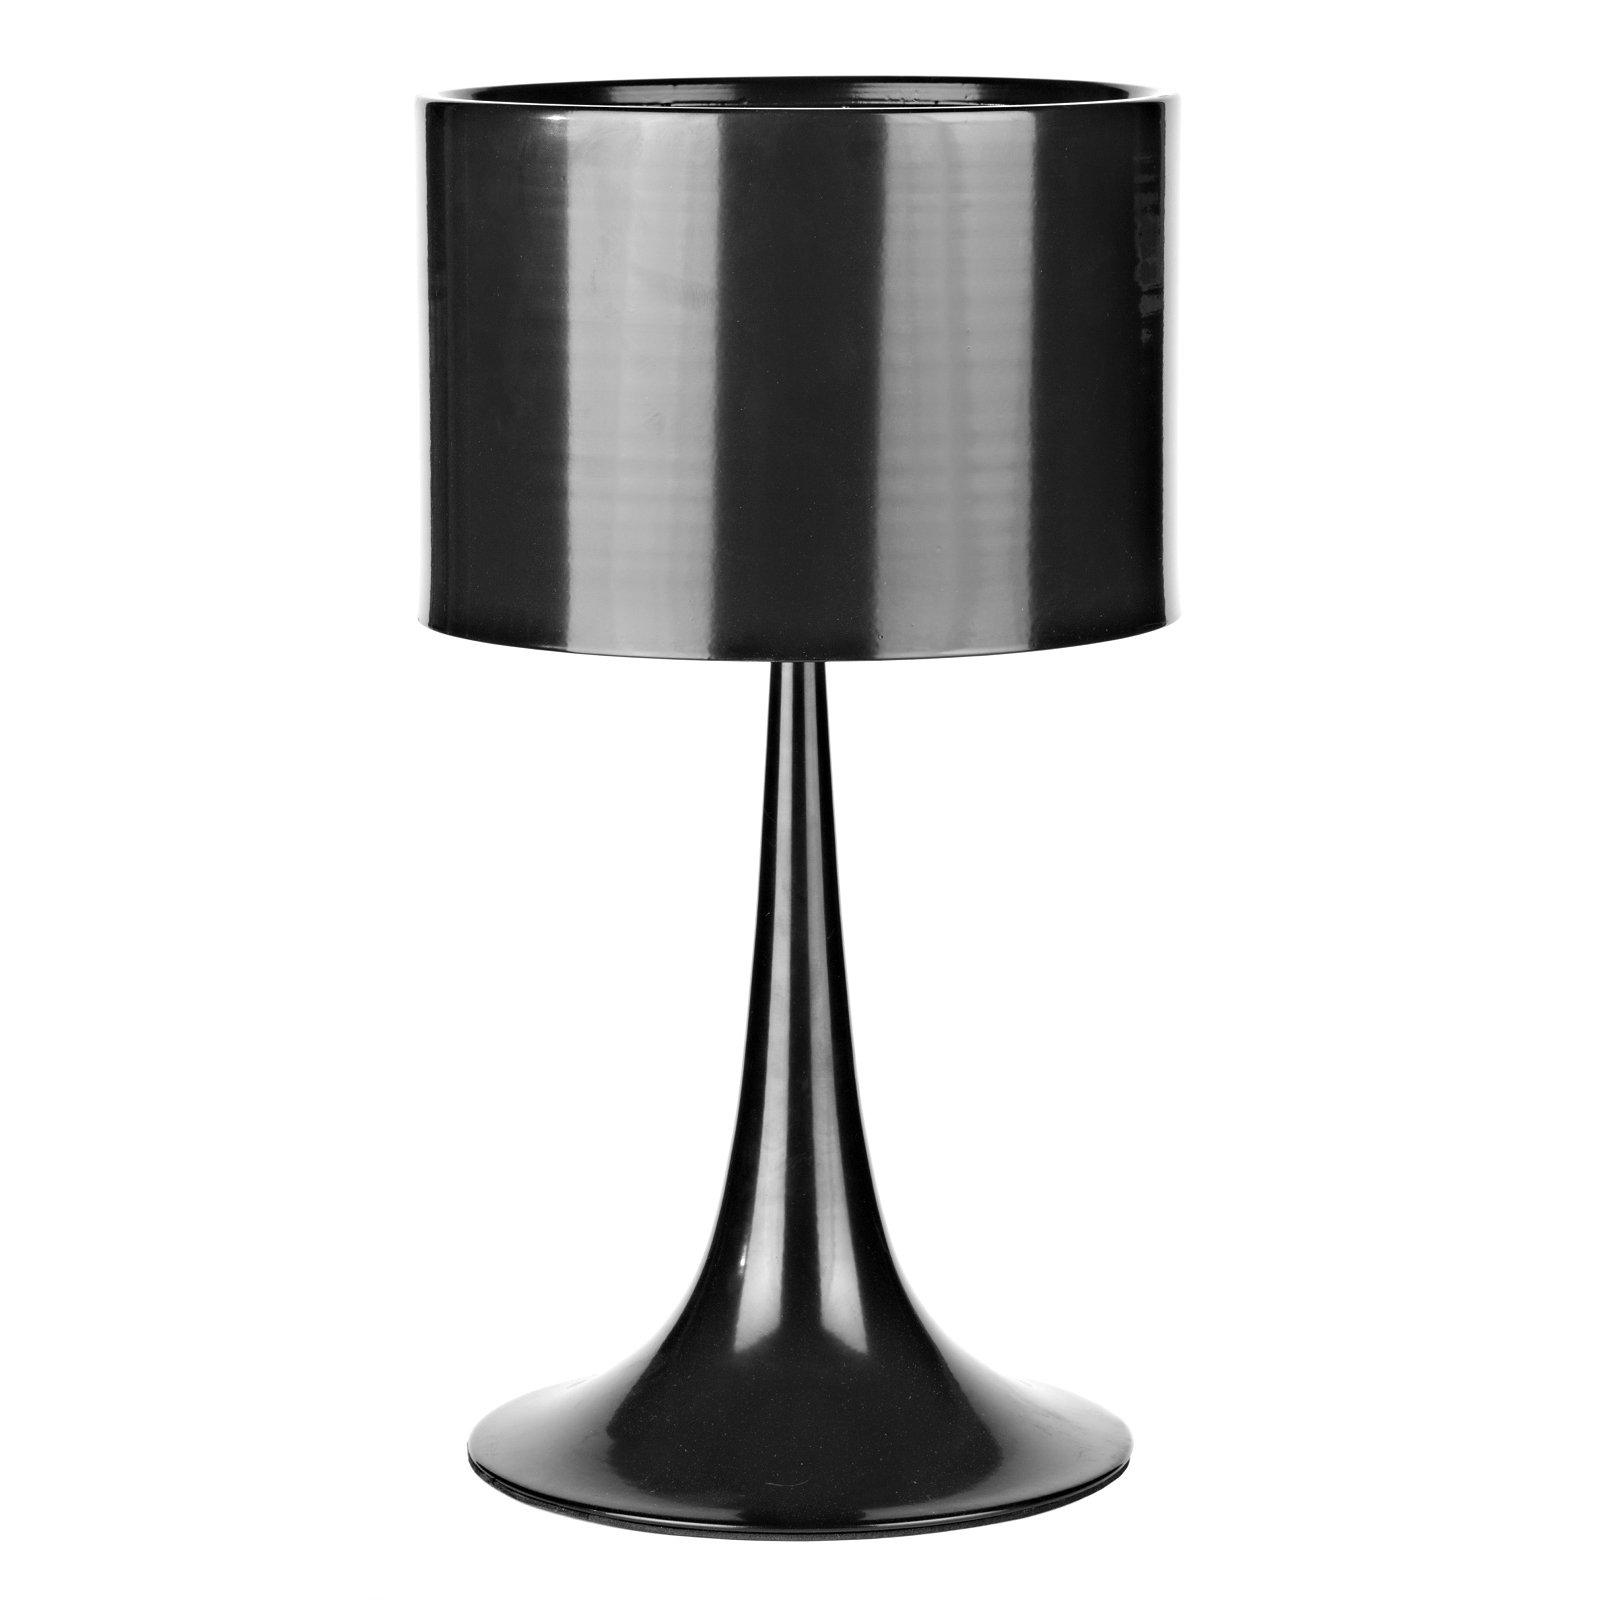 Настольная лампа Flos - Spun LightНастольные лампы<br>В настольной лампе Flos-Spun ничего лишнего <br>— только продуманный дизайн и функциональность! <br>Как раз это можно сказать о данной модели <br>лампы. Она полностью выполнена в чёрном <br>цвете из алюминия. Из круглого основания <br>словно вырастает ножка, сужающаяся к низу <br>и увенчанная абажуром цилиндрической формы. <br>Лампа будет уместна в современном интерьере, <br>лучше всего она будет смотреться на дизайнерском <br>столе в белом цвете. Размеры: диаметр 30 см, <br>высота 22 см.<br><br>Цвет: Чёрный<br>Материал: Металл<br>Вес кг: 2,3<br>Длина см: 32<br>Ширина см: 32<br>Высота см: 45